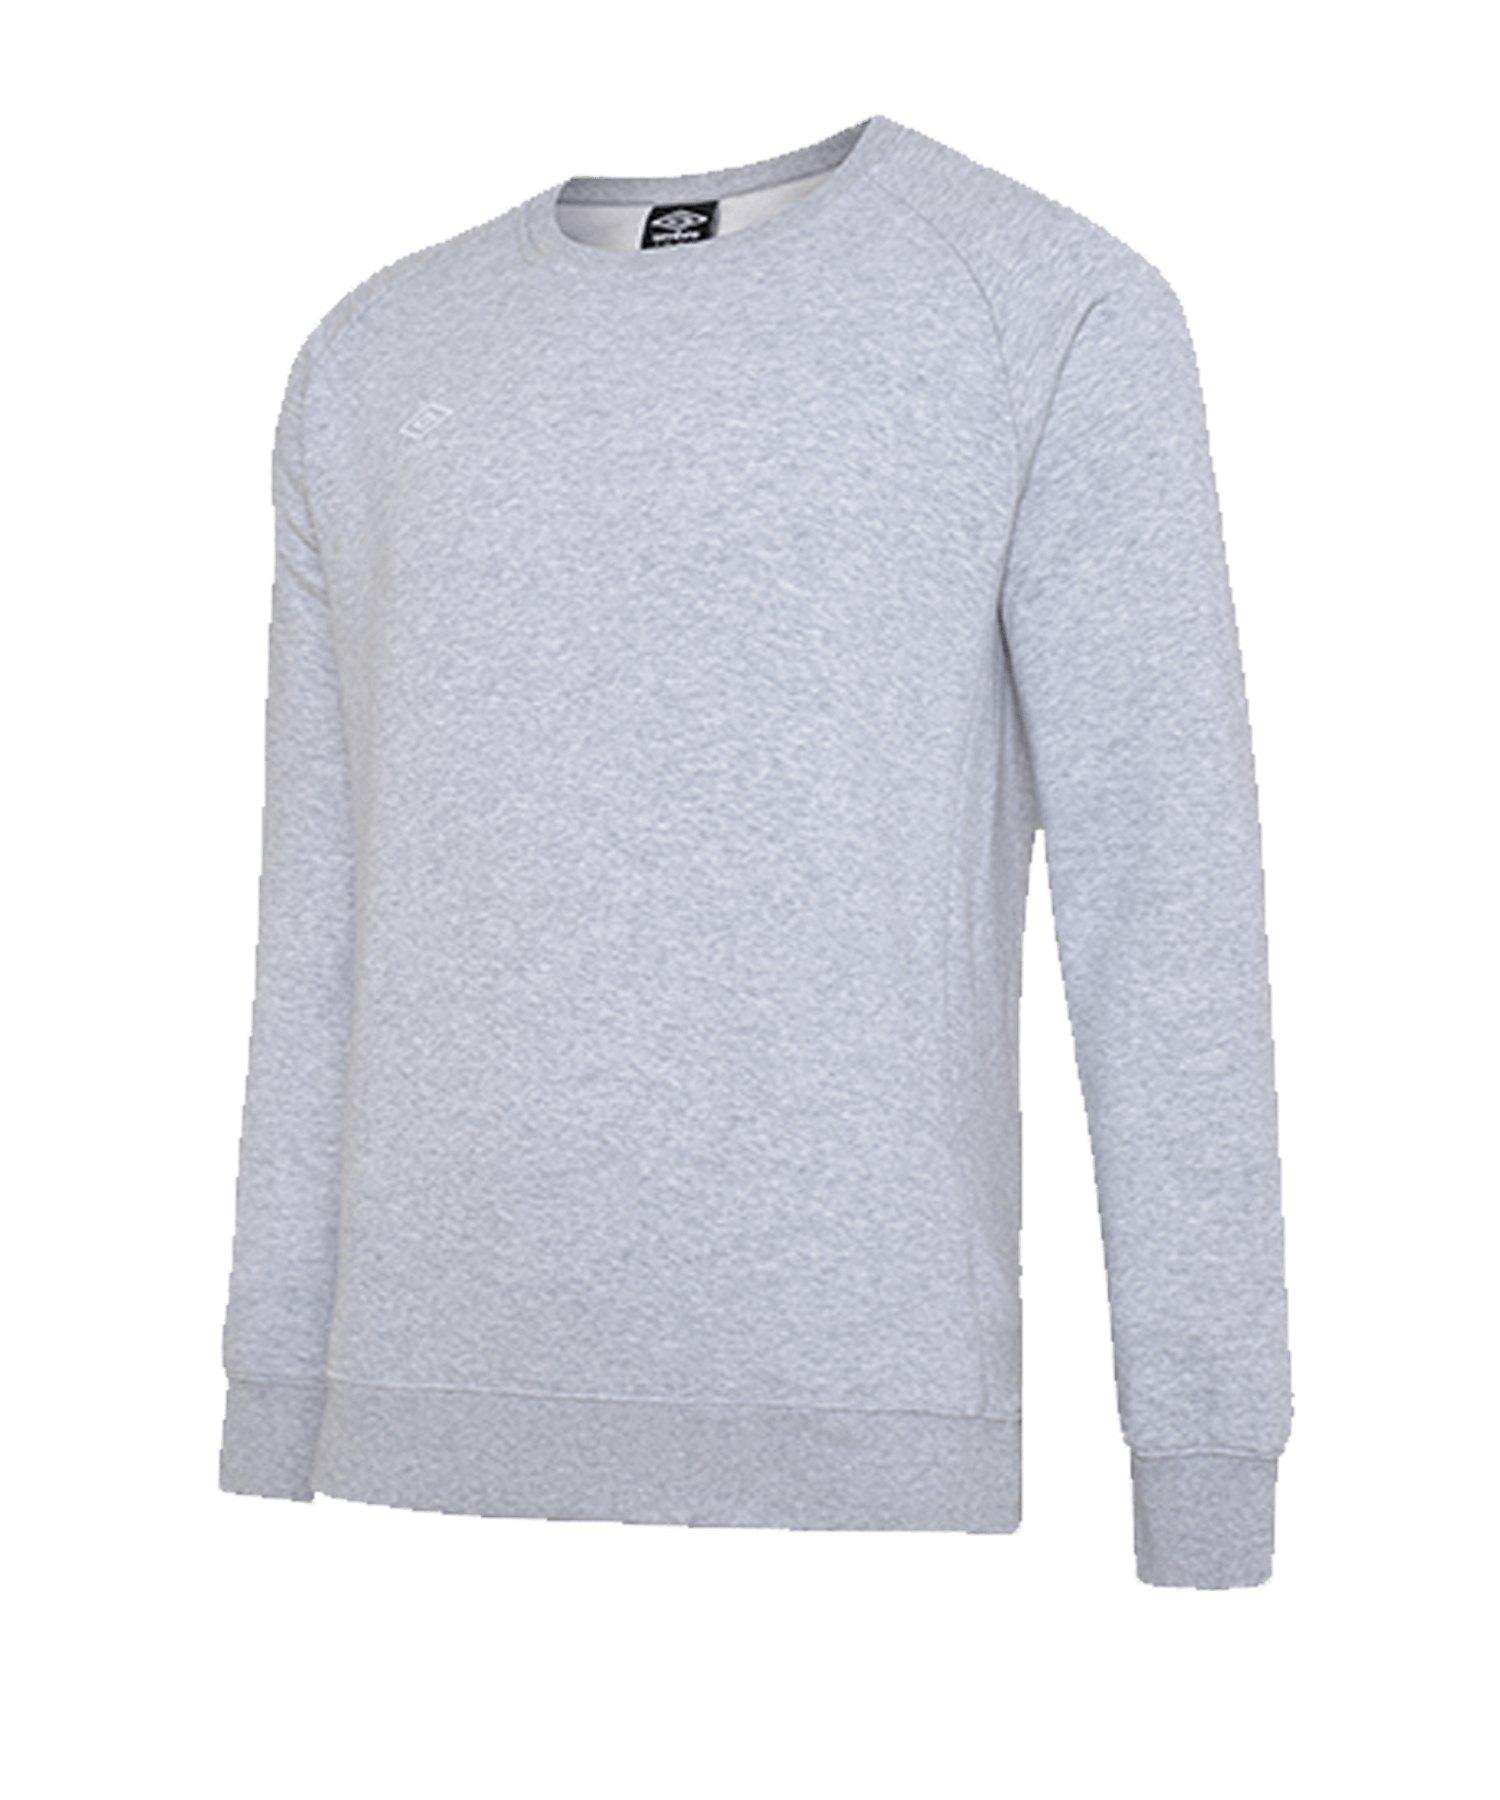 Umbro Club Leisure Sweatshirt Grau FP12 - grau